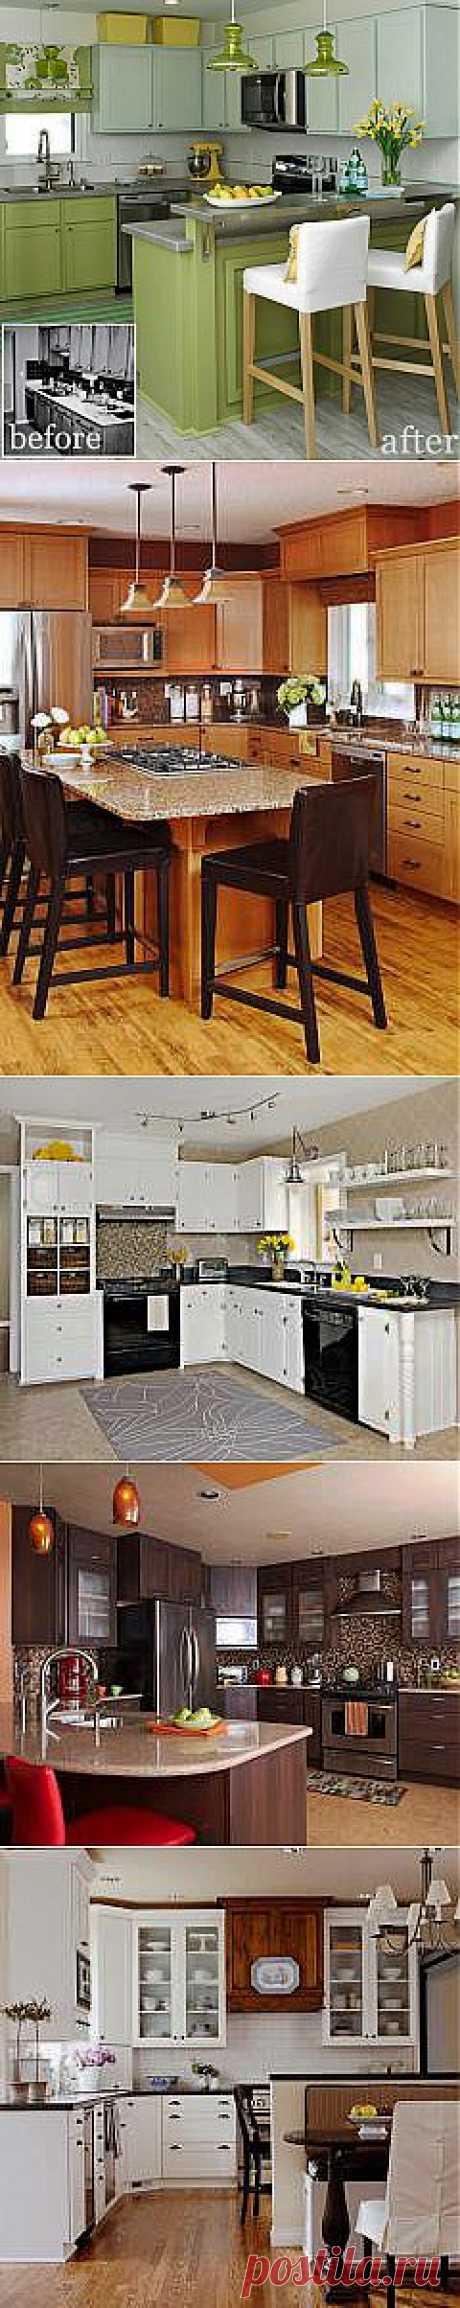 Идеи обновления кухонь | Школа Ремонта